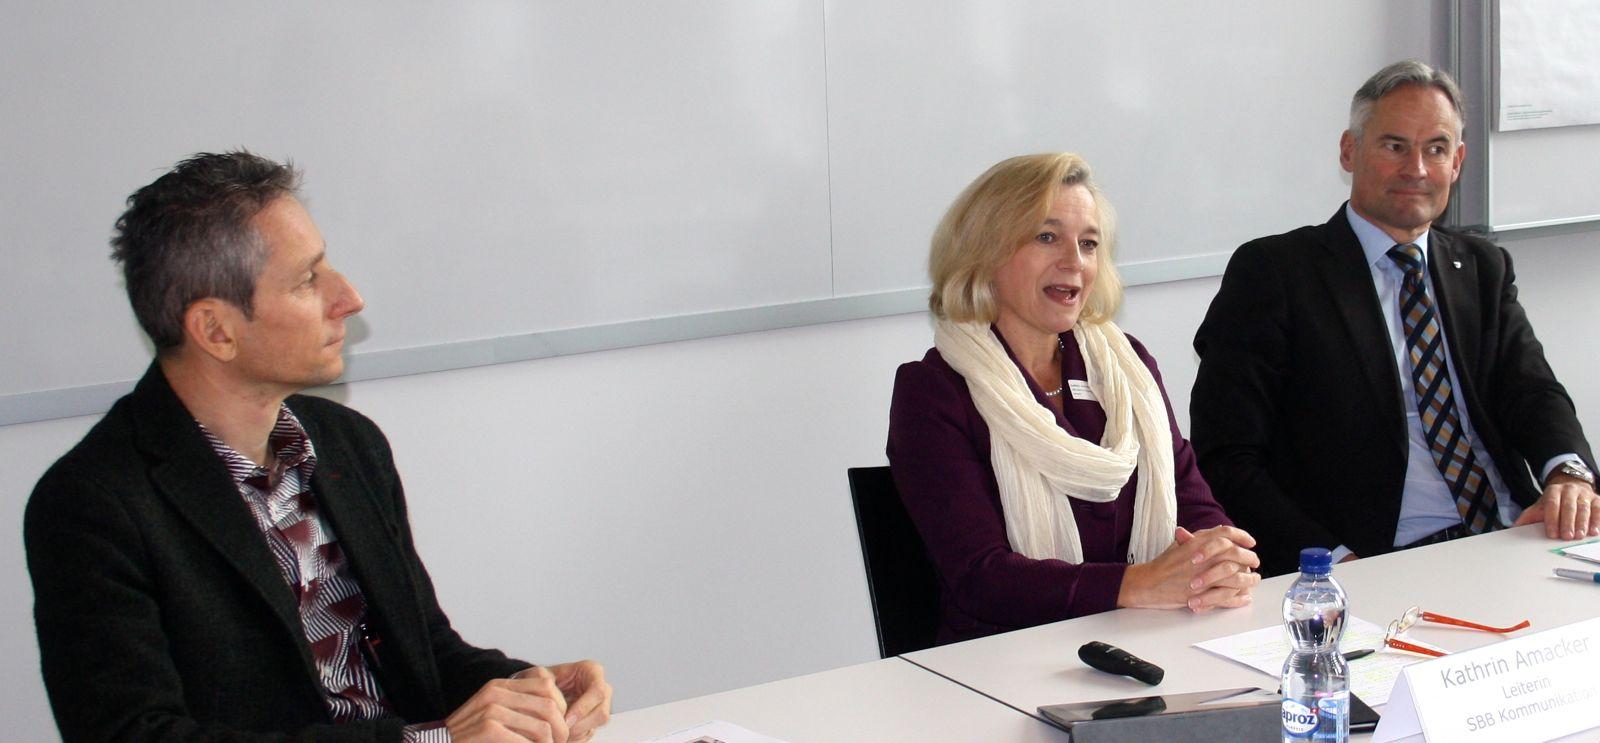 Gemeinsame Pressekonferenz: V.l. René Hüsler von der Hochschule Luzern, Kathrin Amacker, Konzernleitungsmitglied SBB und der Zuger Regierungsrat Matthias Michel.